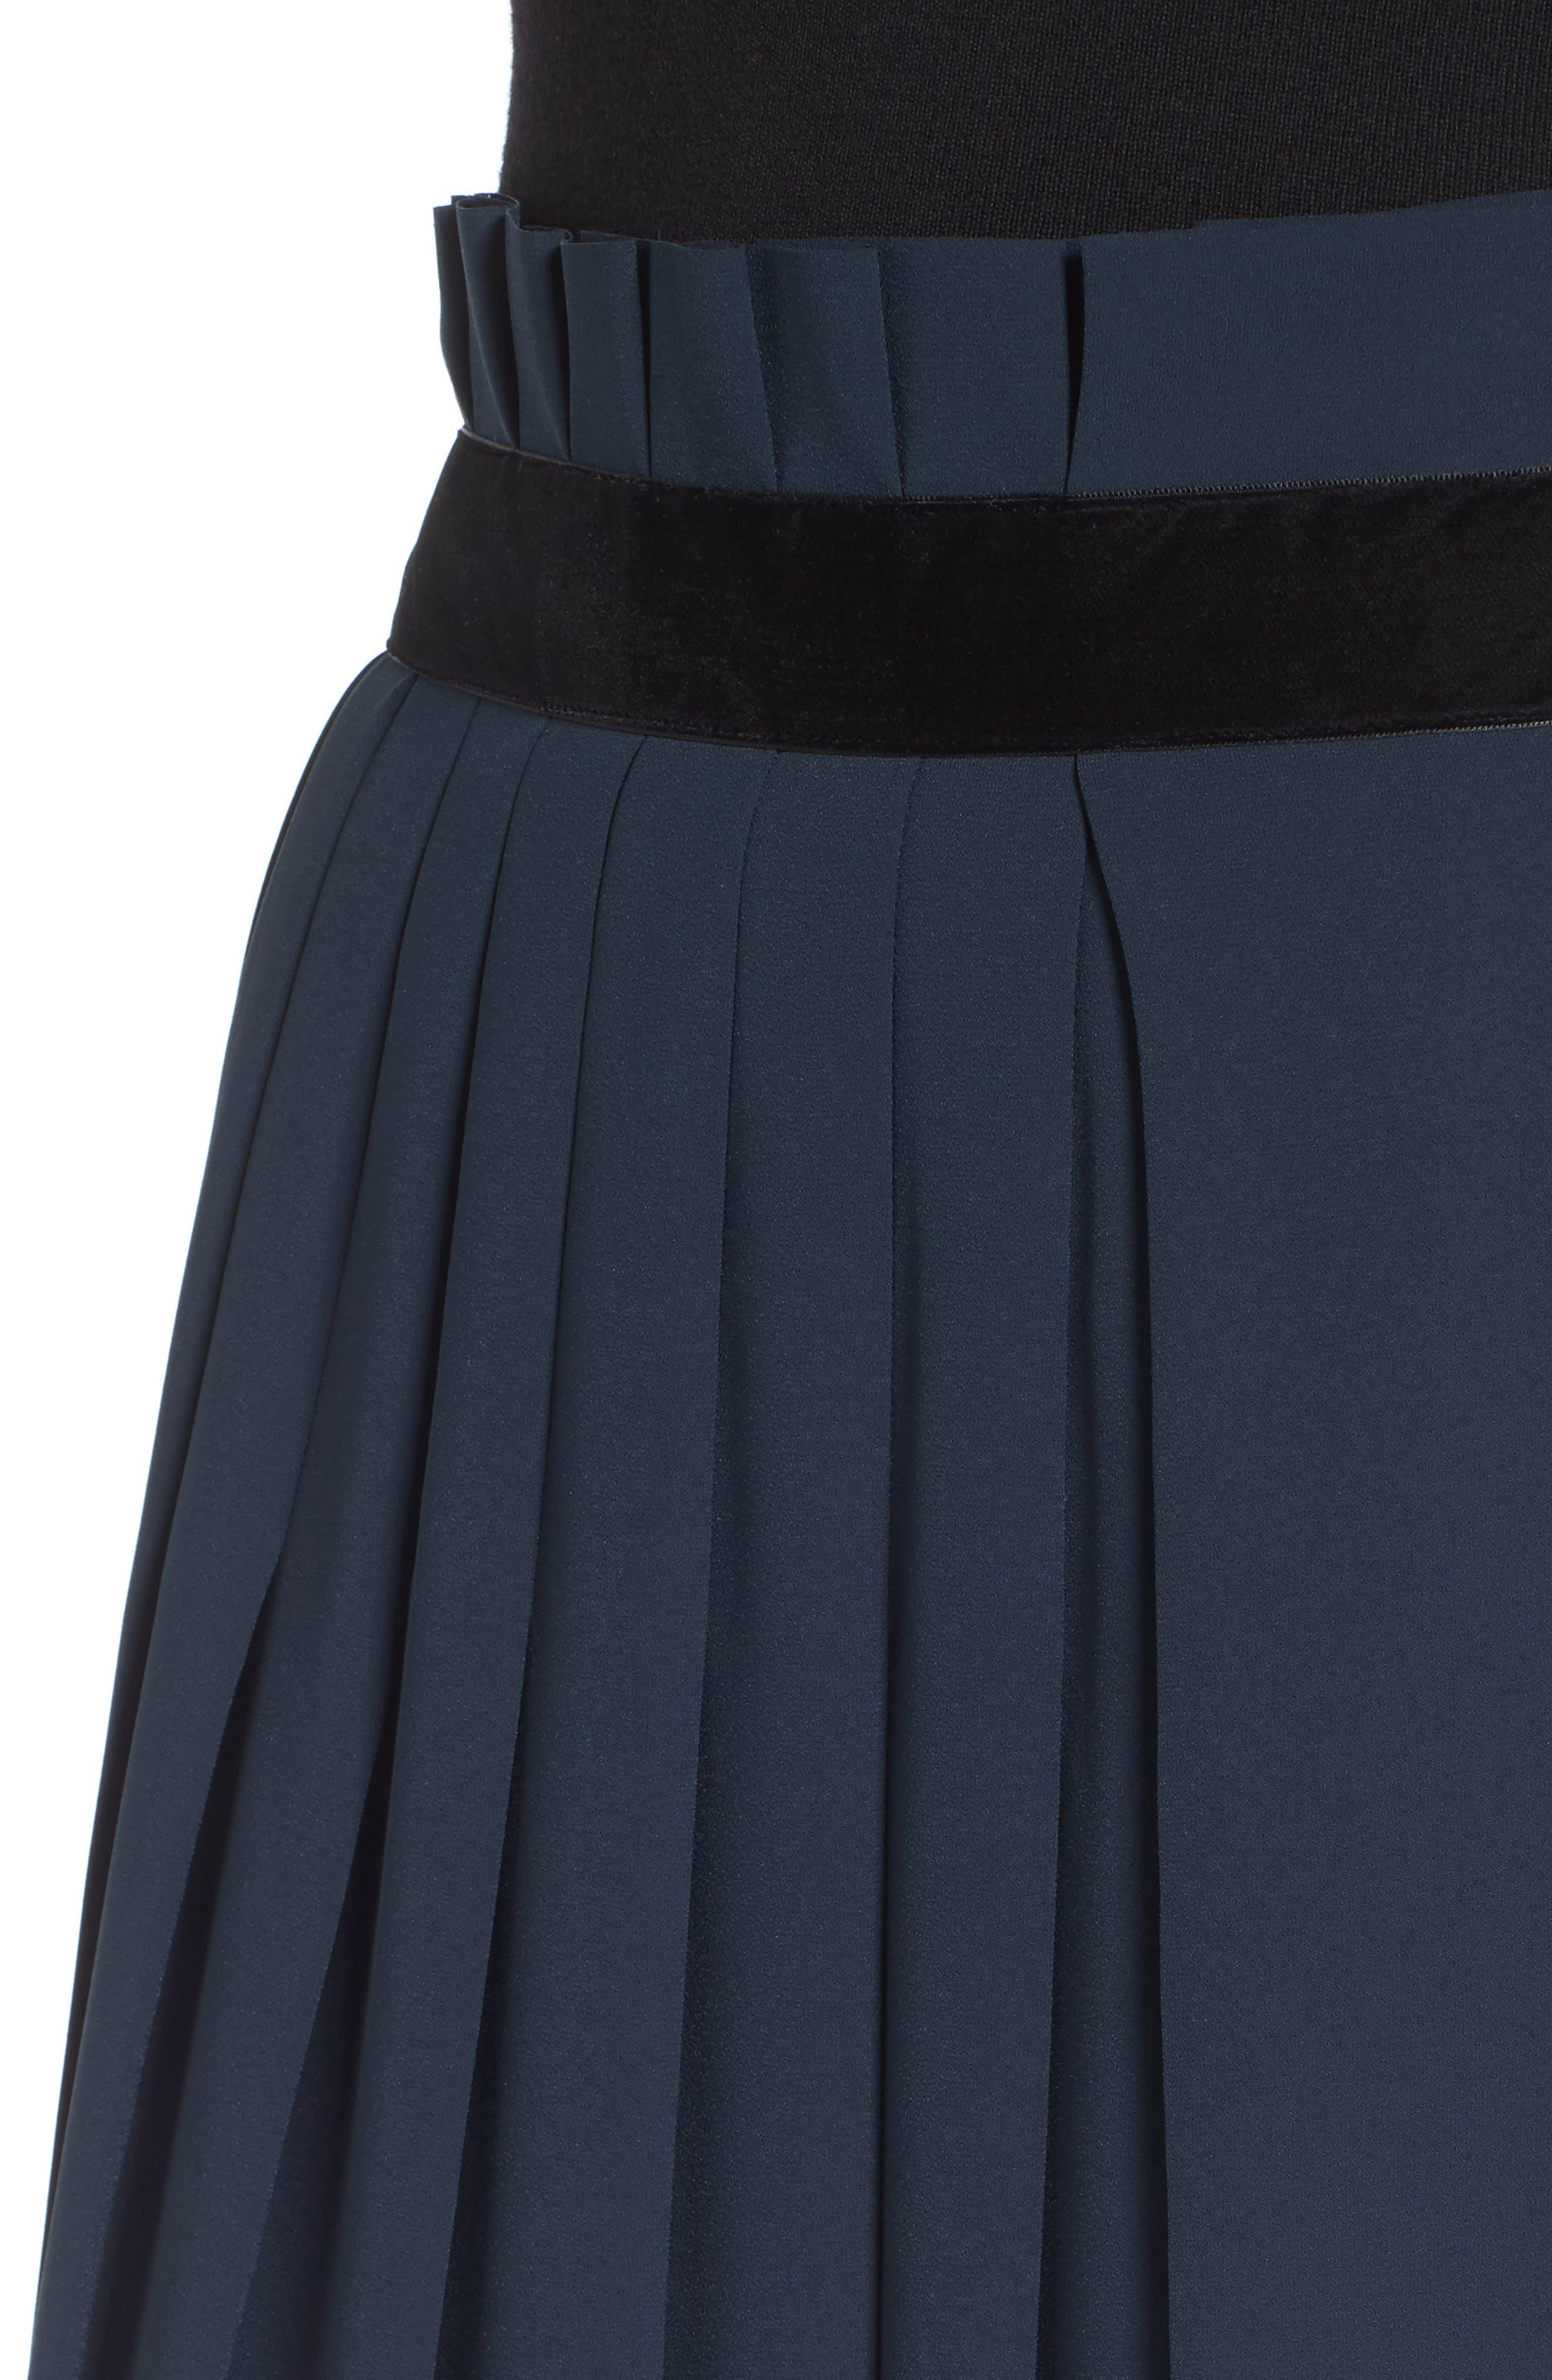 Velvet Trim Pleated Crepe Skirt,                             Alternate thumbnail 4, color,                             301